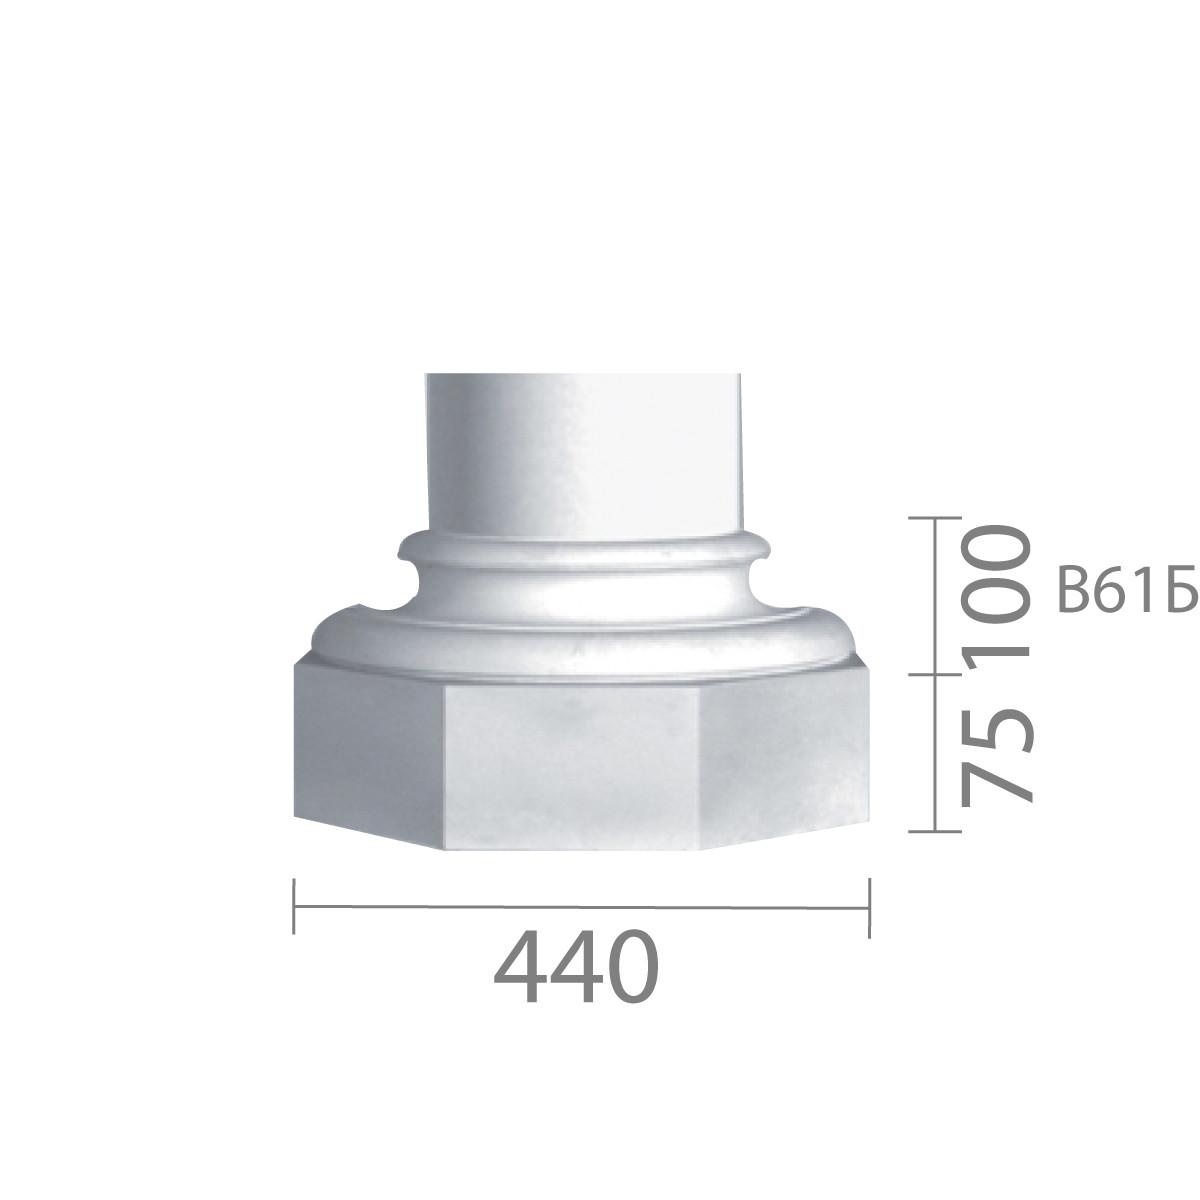 База колони з гіпсу, гіпсова база, основа для колони б-61 (1/2)